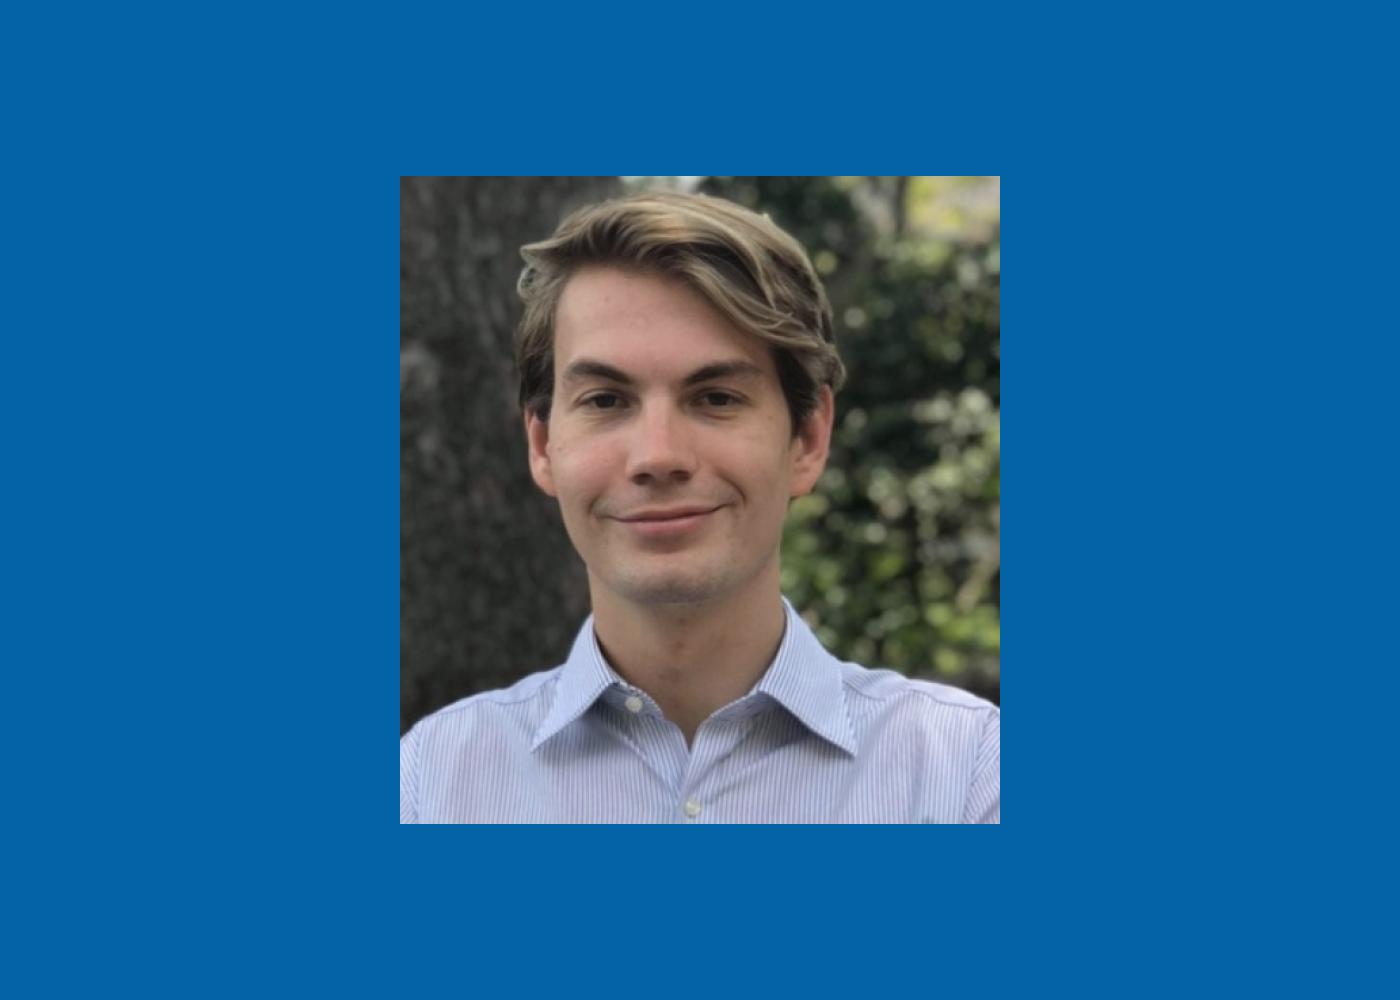 Employee Spotlight - Oskar Will, Business Development Manager